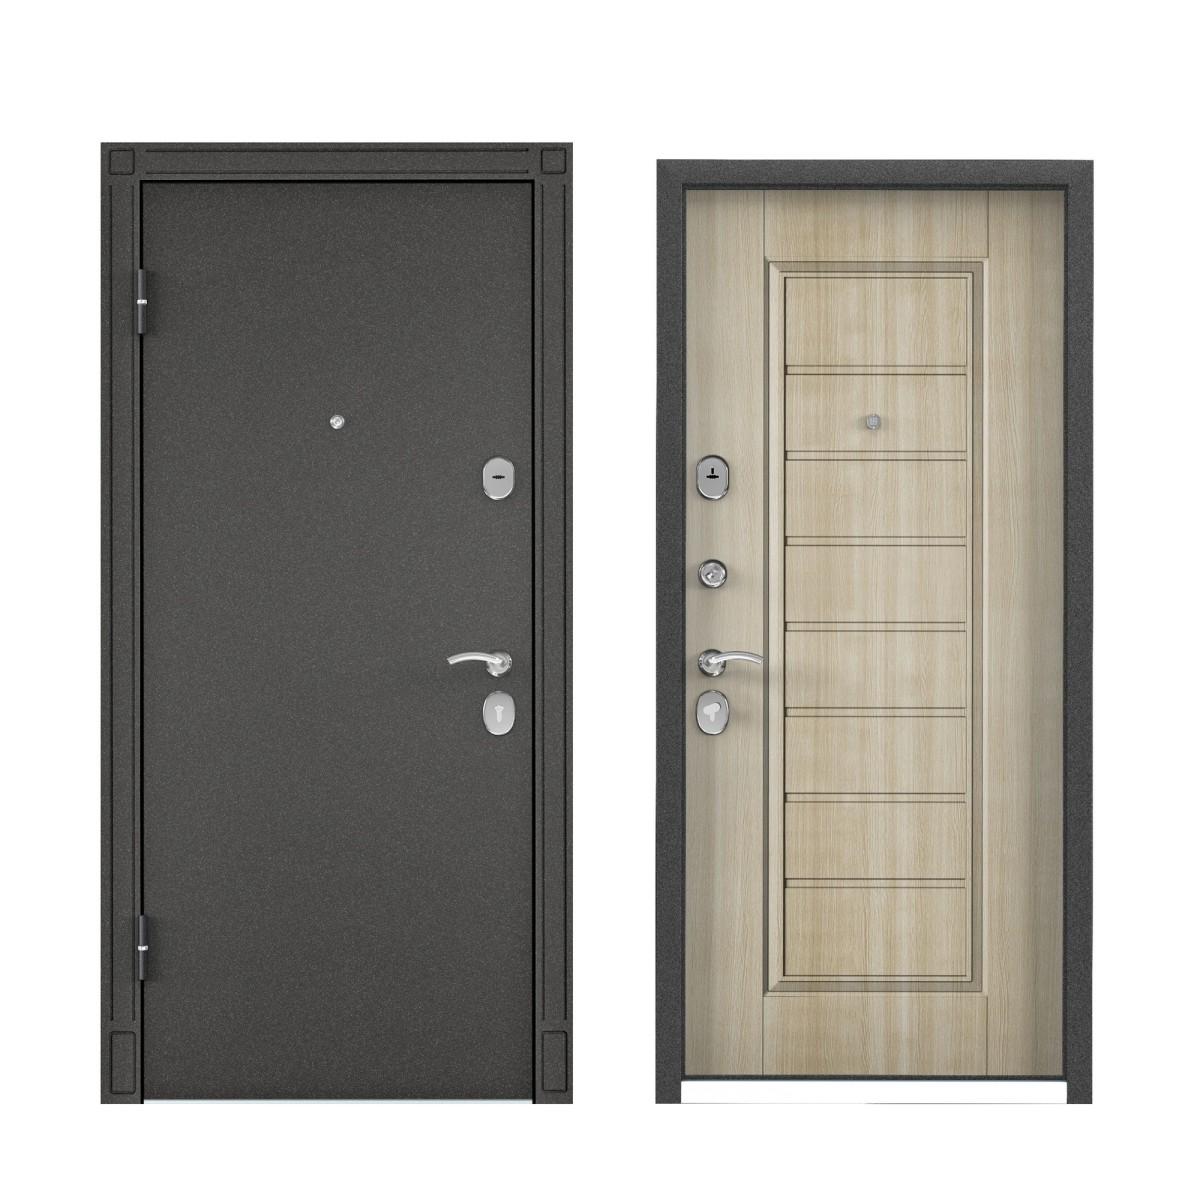 Дверь входная металлическая Торэкс Стел-07 860х2050 мм левая цвет белый венге